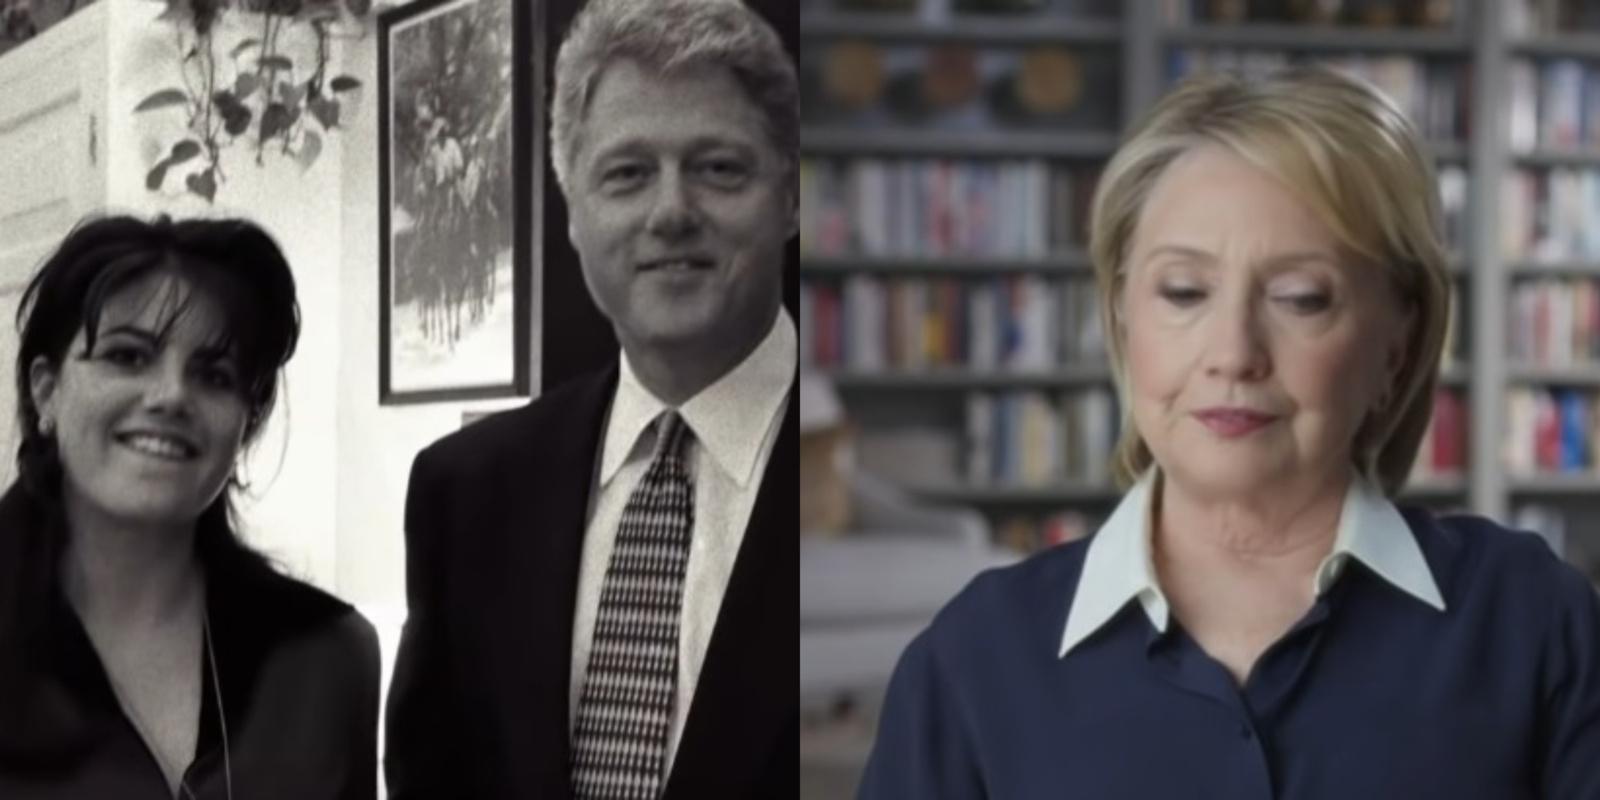 B. ir H. Clintonai prakalbo apie M. Lewinsky skandalą: kas padėjo išlaikyti santuoką?